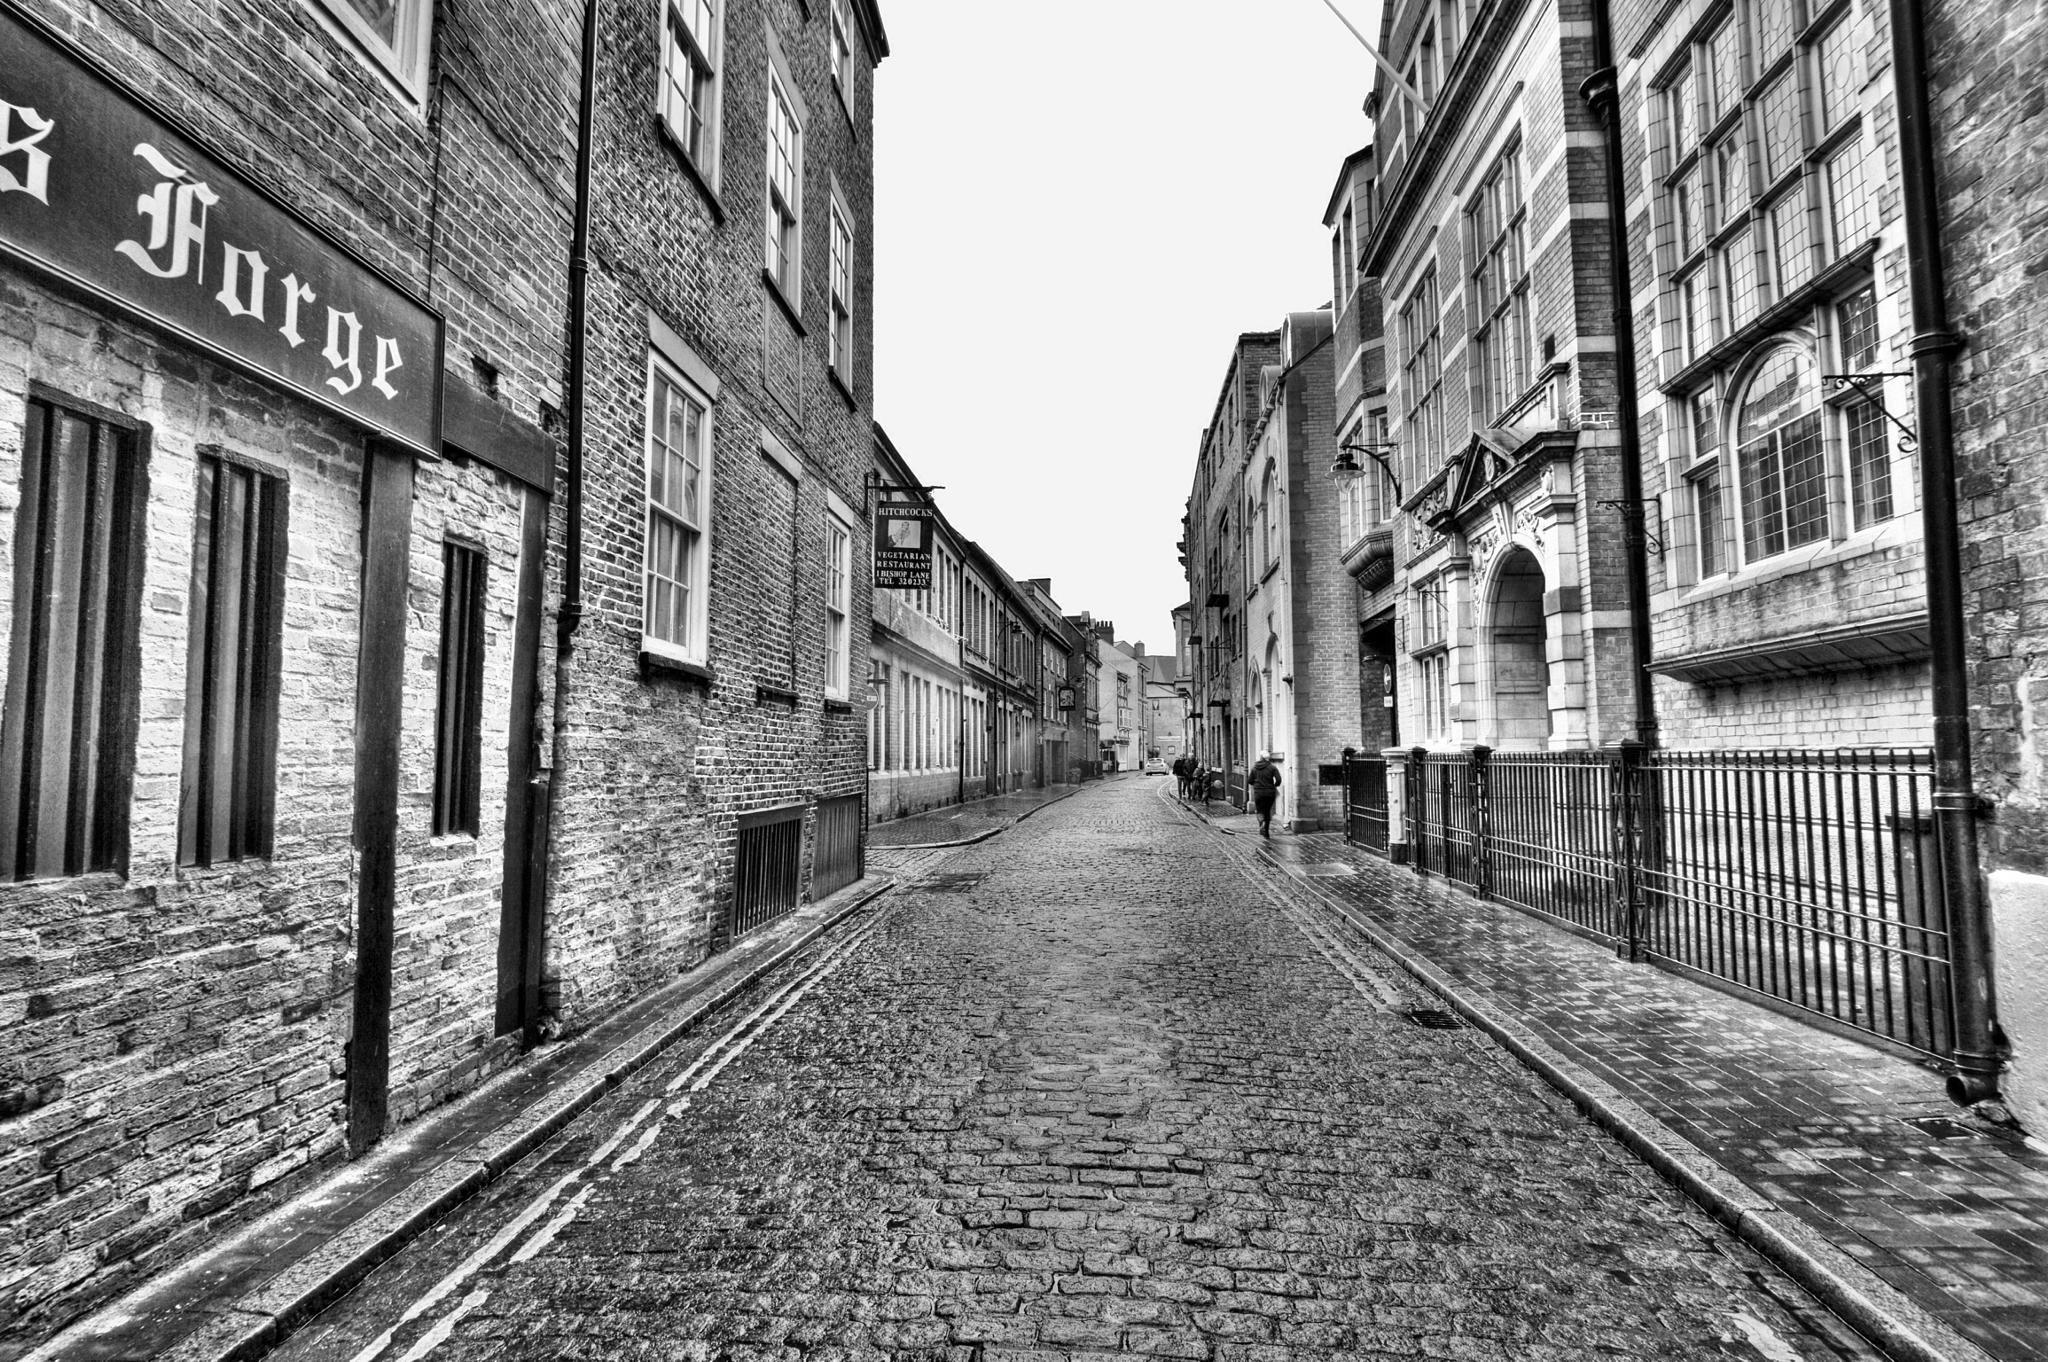 Bishop Lane by slcouzens